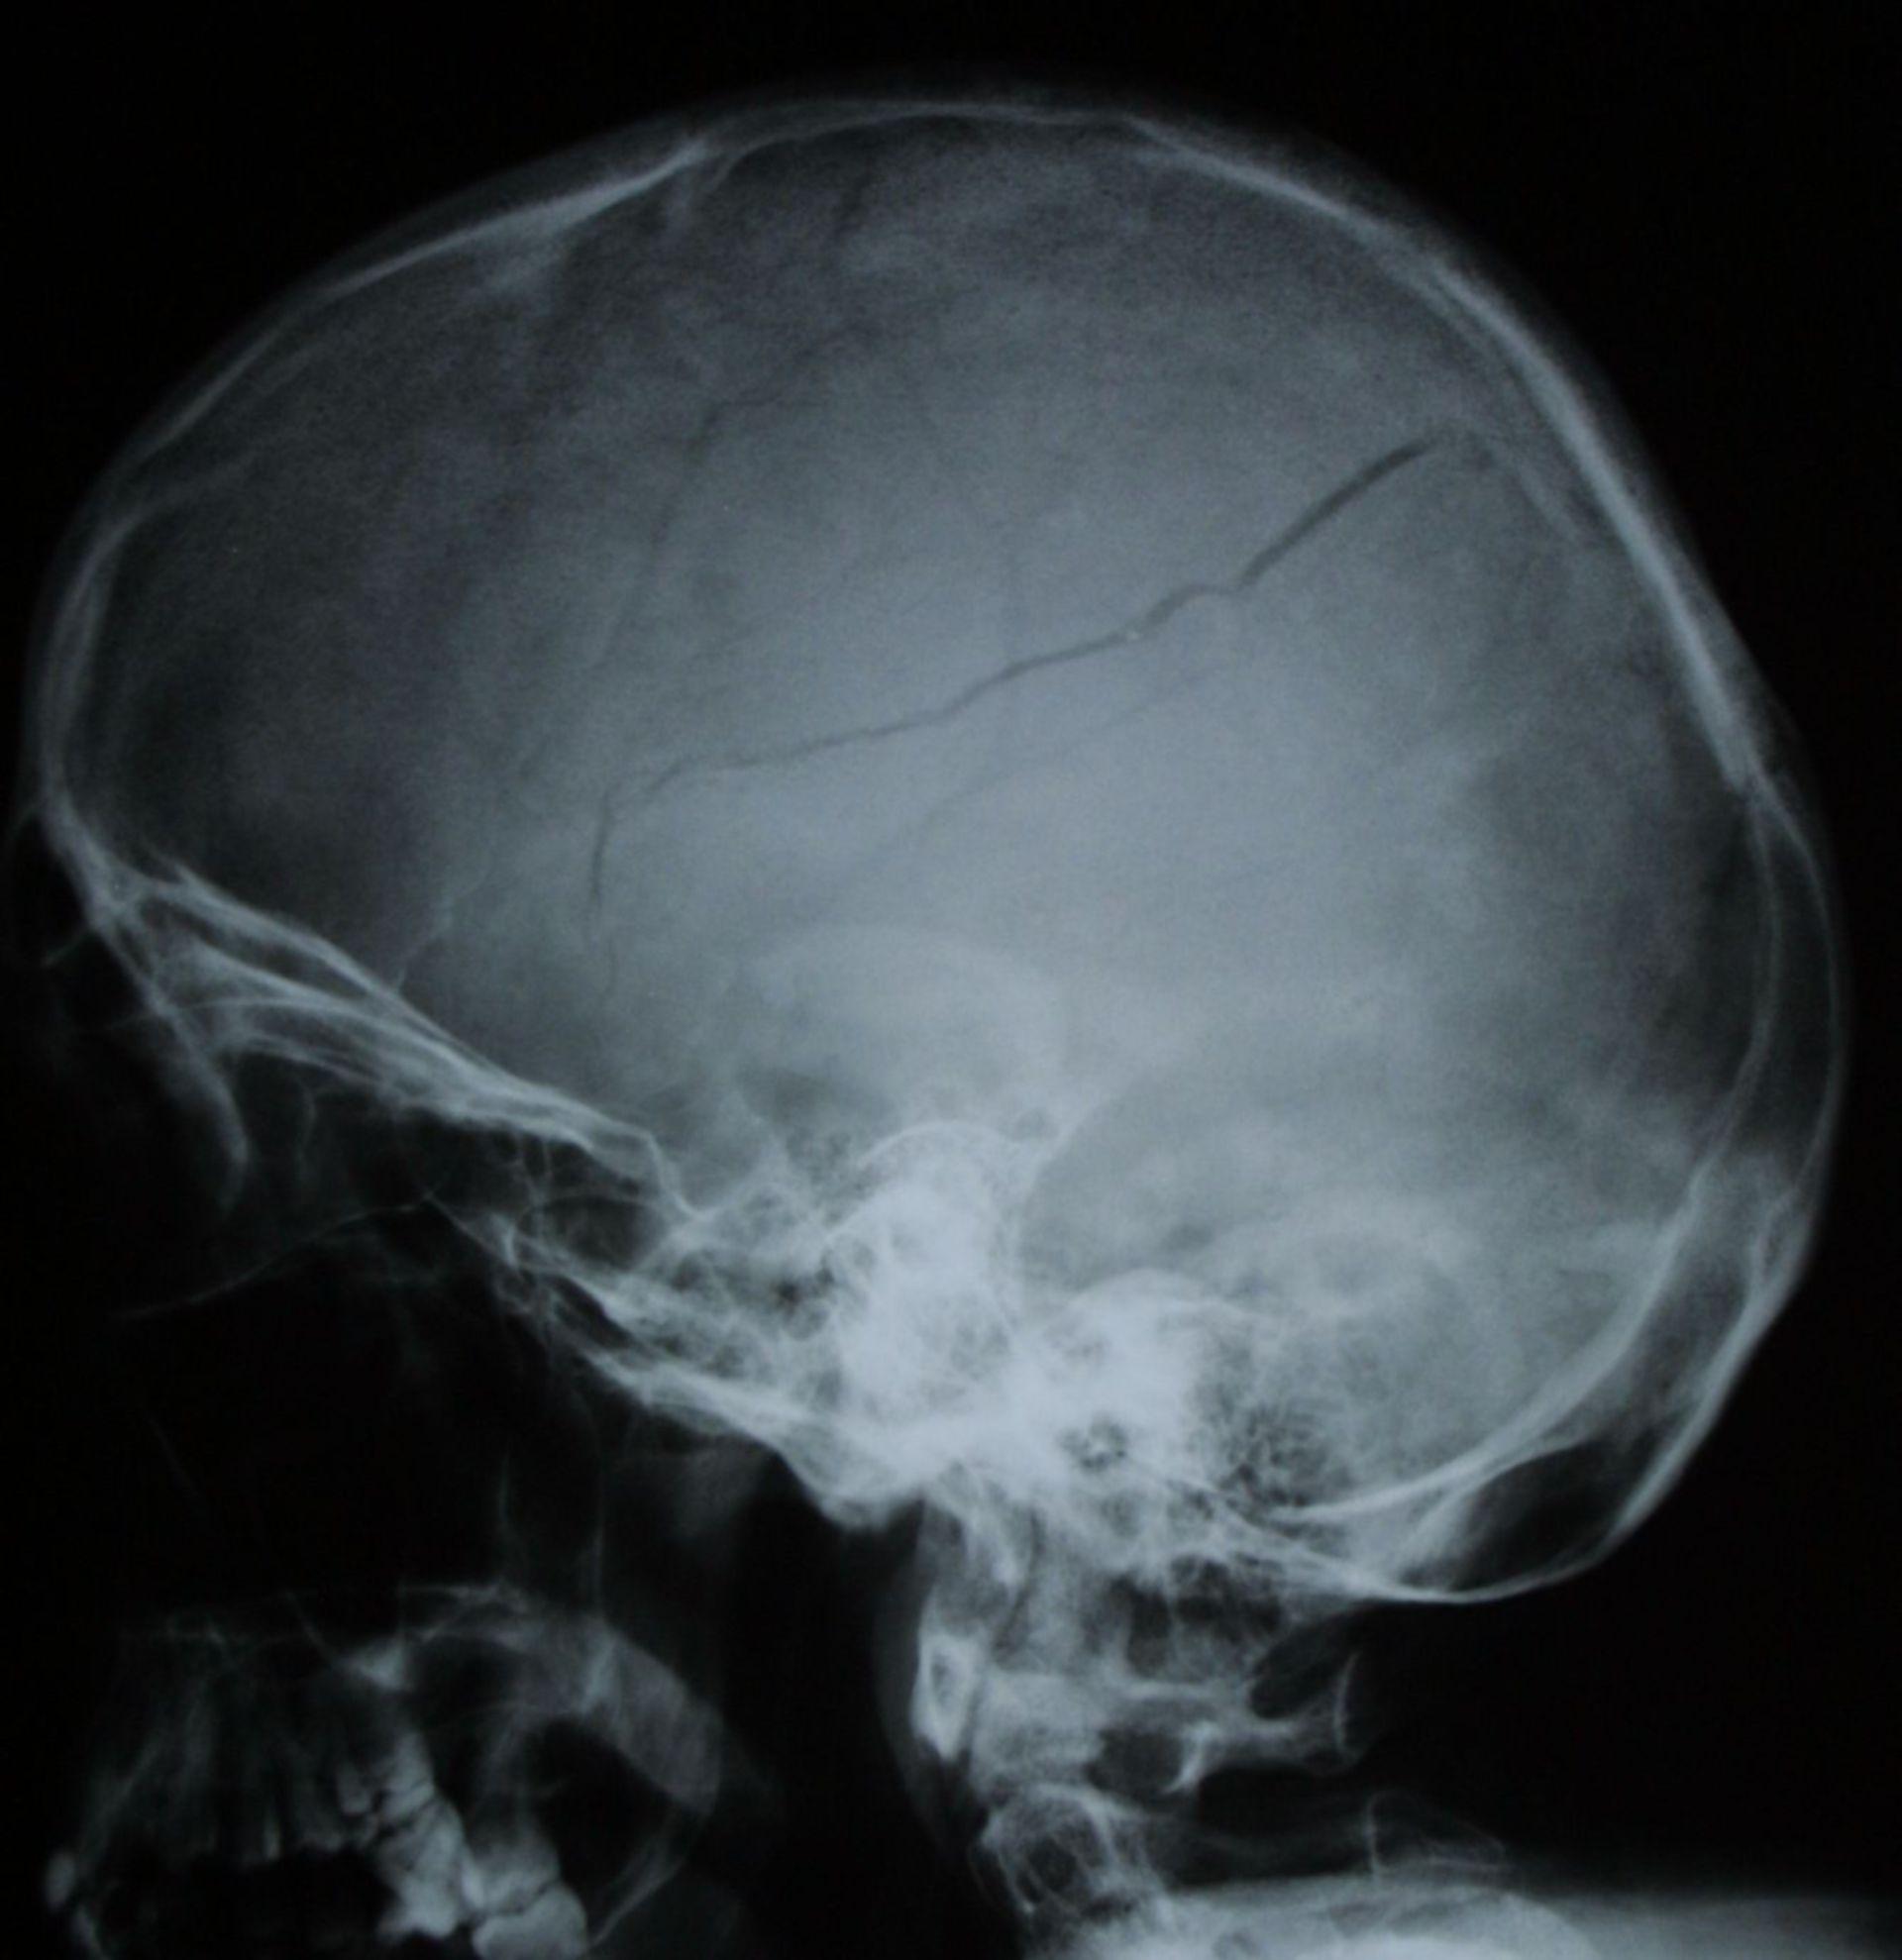 Frattura del cranio con ematoma epidurale